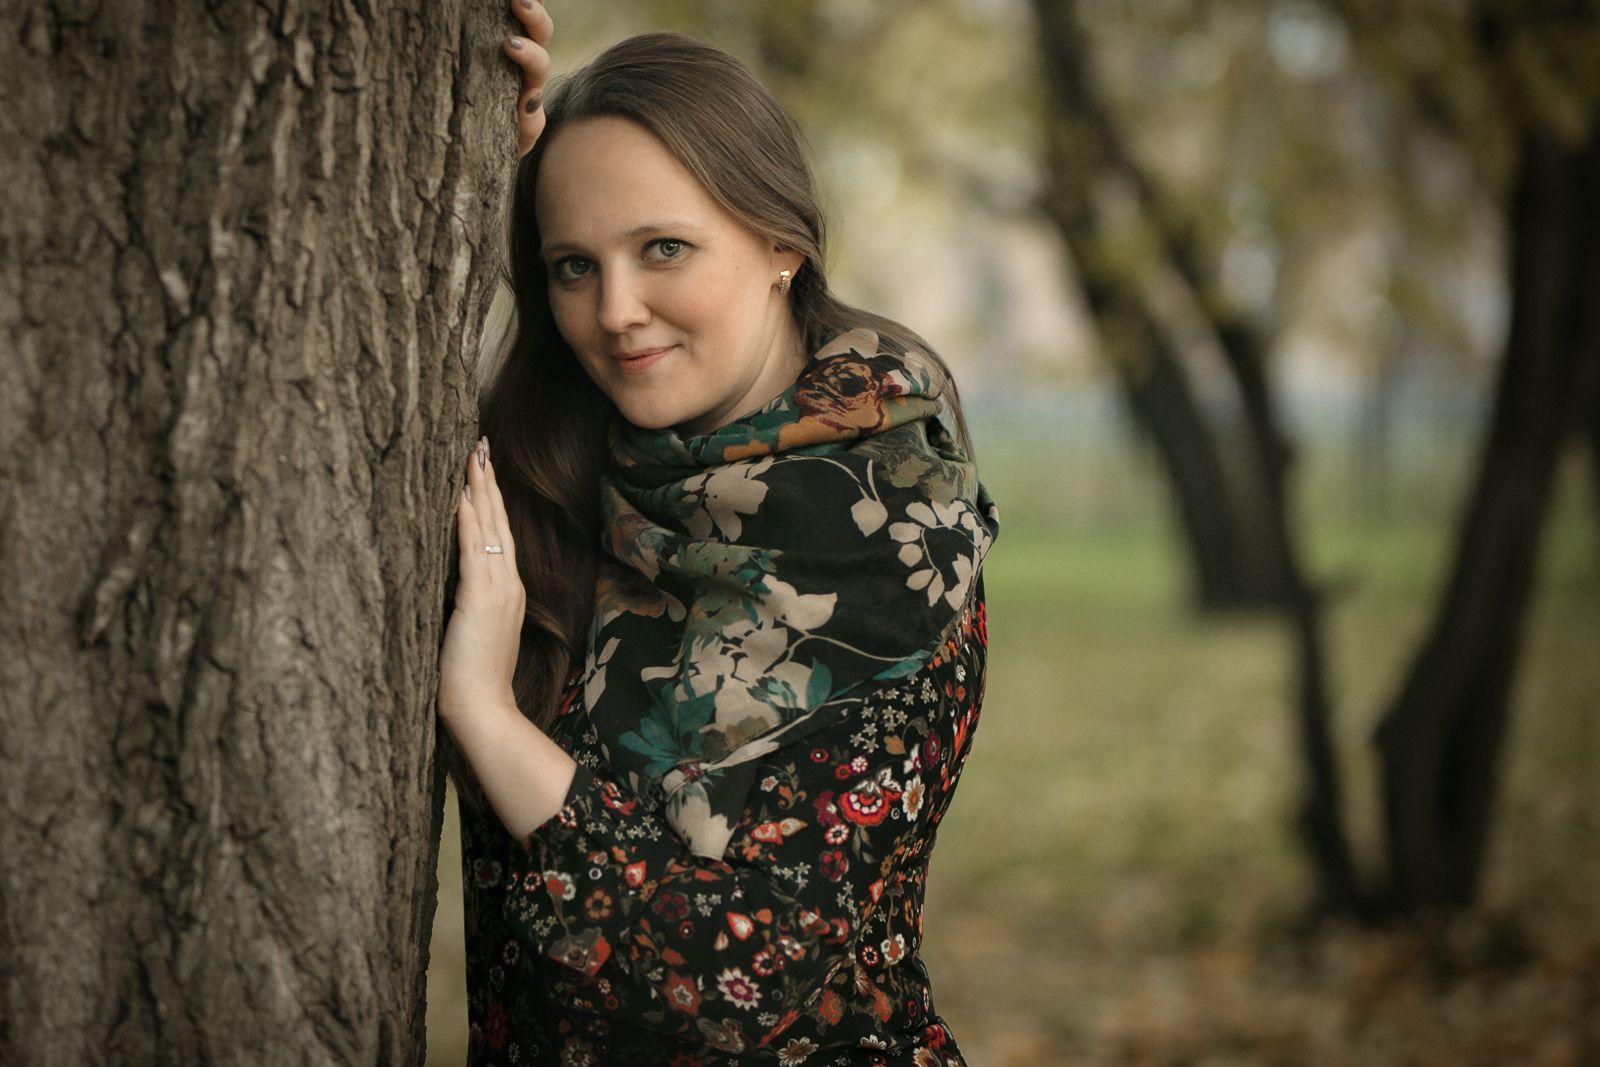 Осенние сюжеты! Женщина природа платье гламур естественный свет